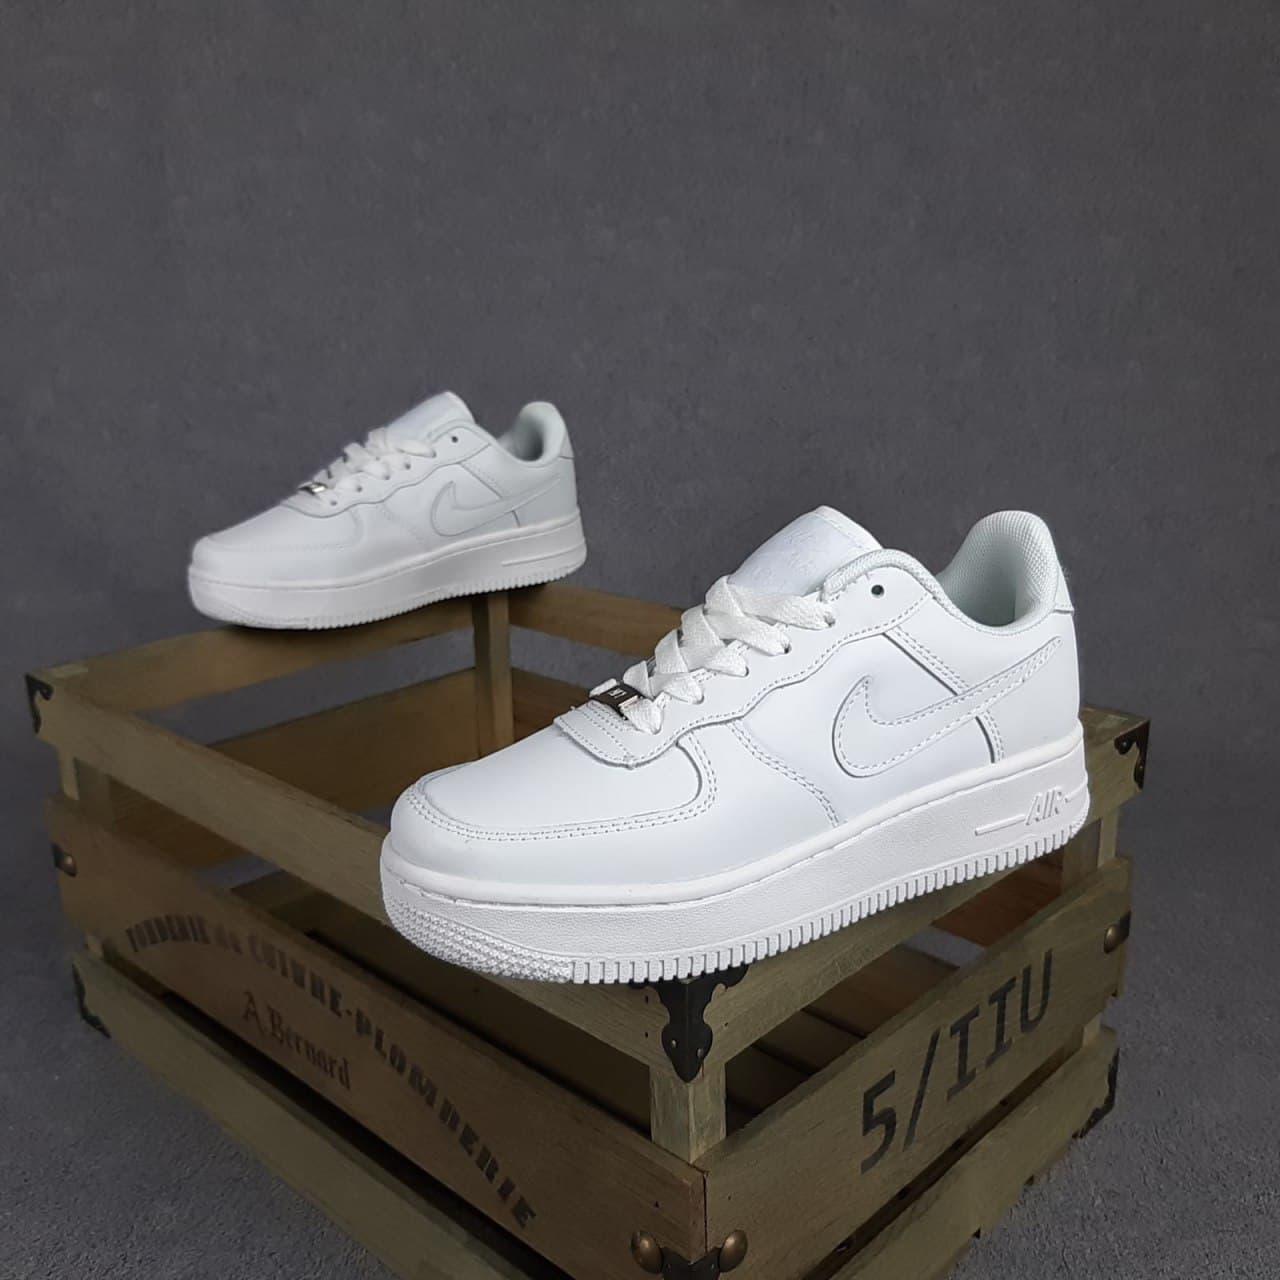 Жіночі кросівки Nike Air Force (білі) O20104 спортивні весняні кроси